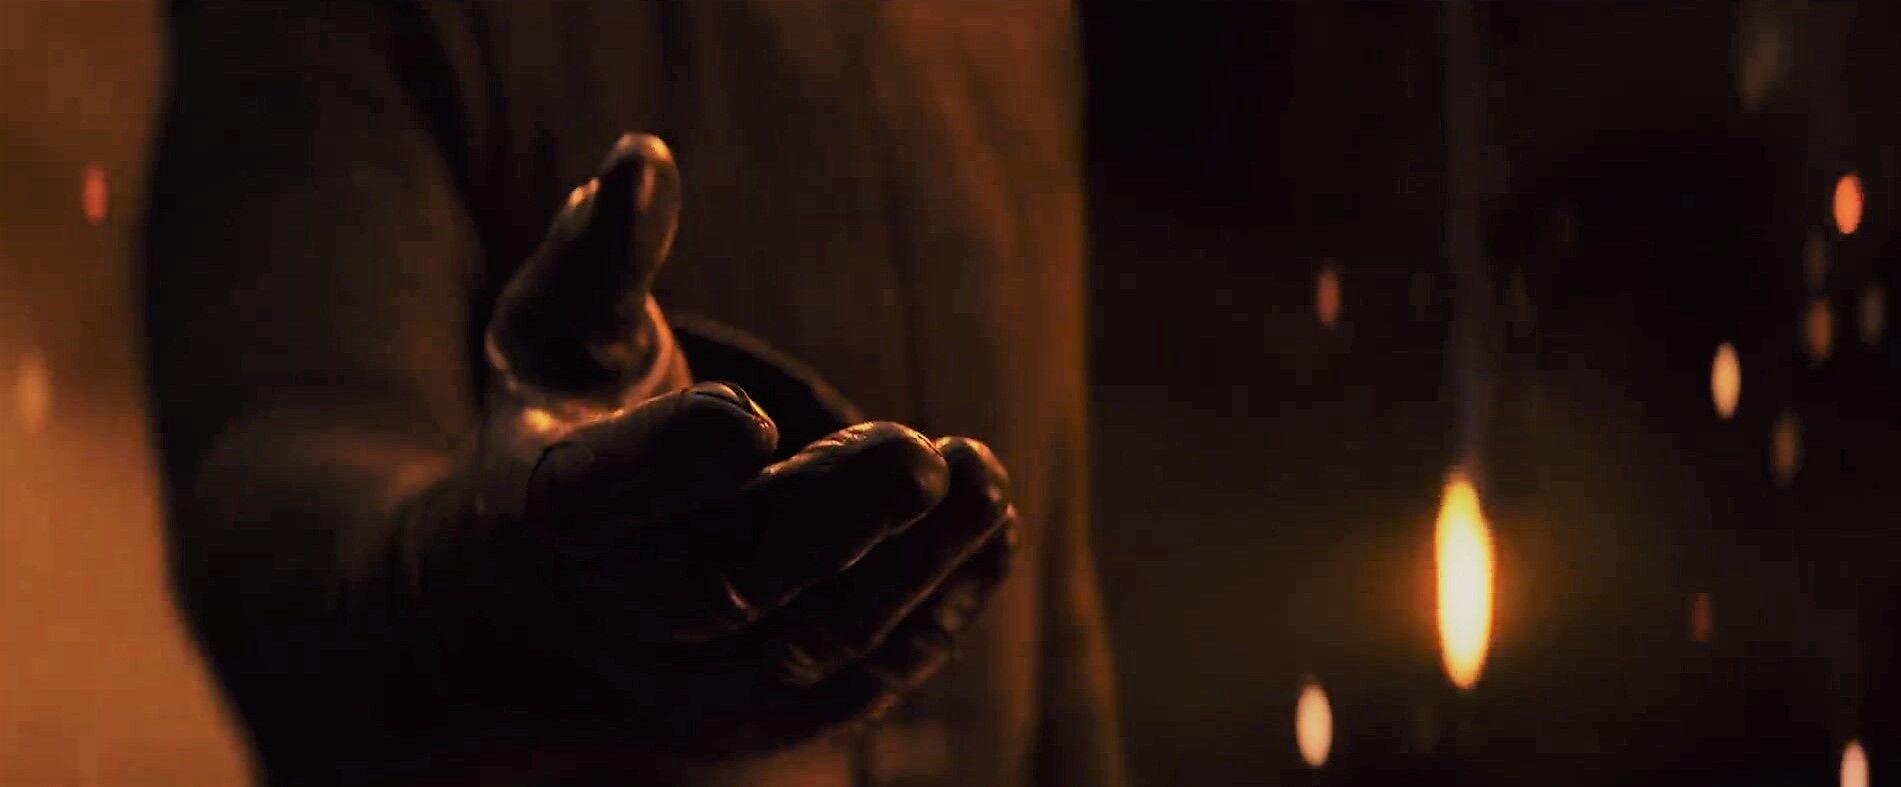 Kylo-Ren-offers-a-hand.jpg&